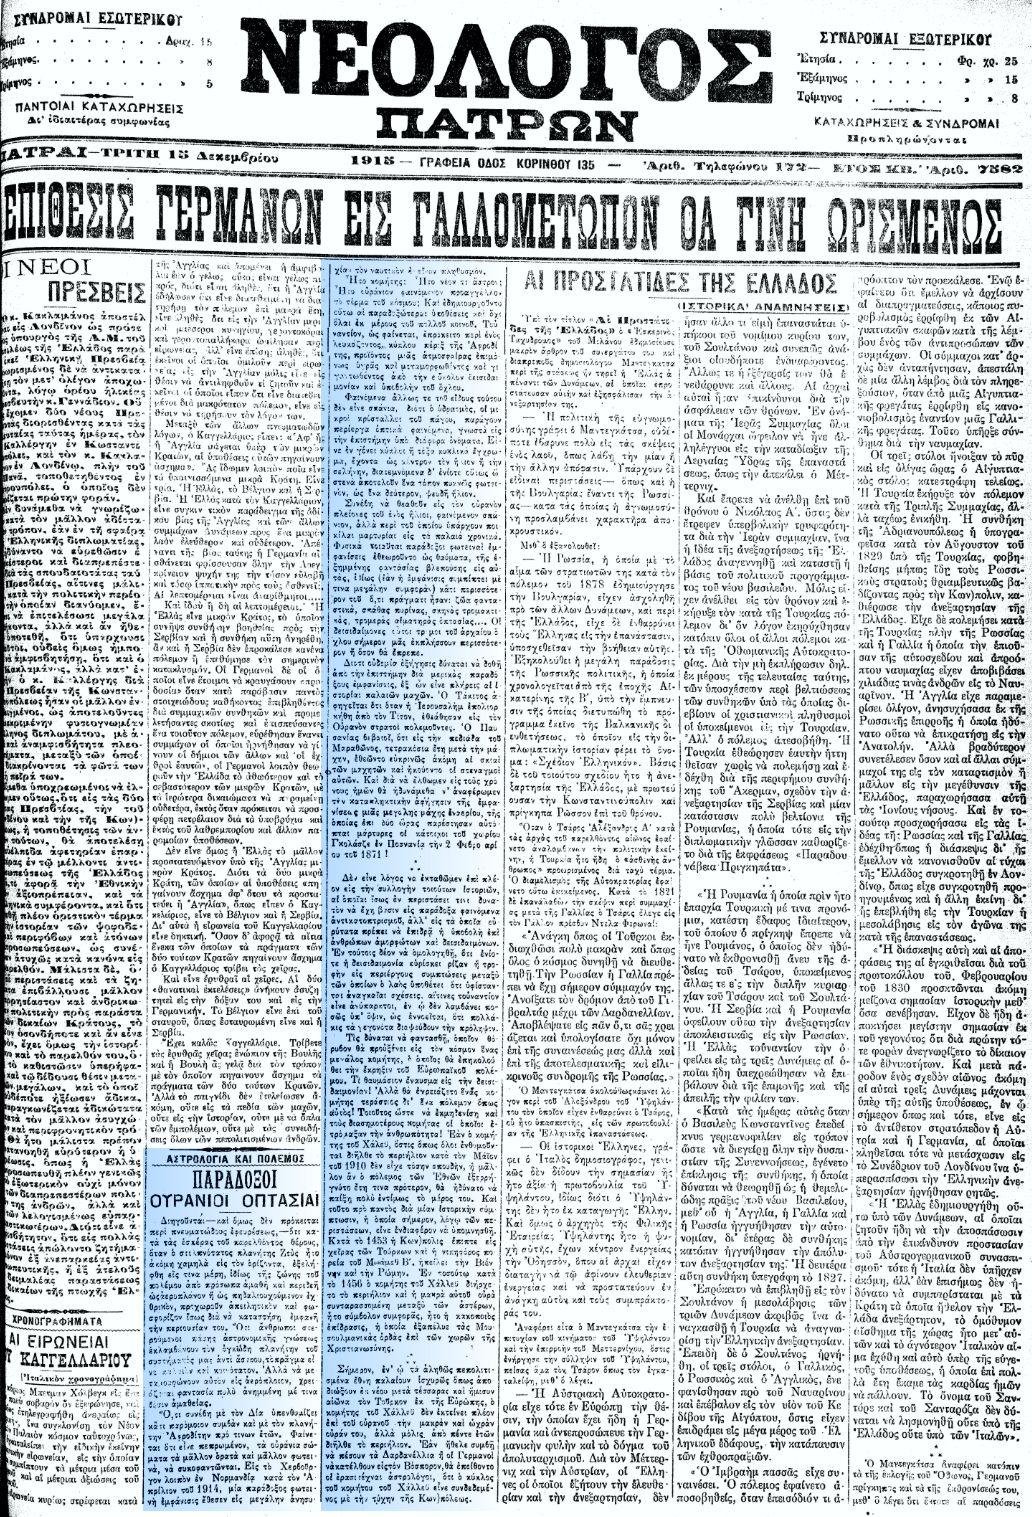 """Το άρθρο, όπως δημοσιεύθηκε στην εφημερίδα """"ΝΕΟΛΟΓΟΣ ΠΑΤΡΩΝ"""", στις 15/12/1915"""